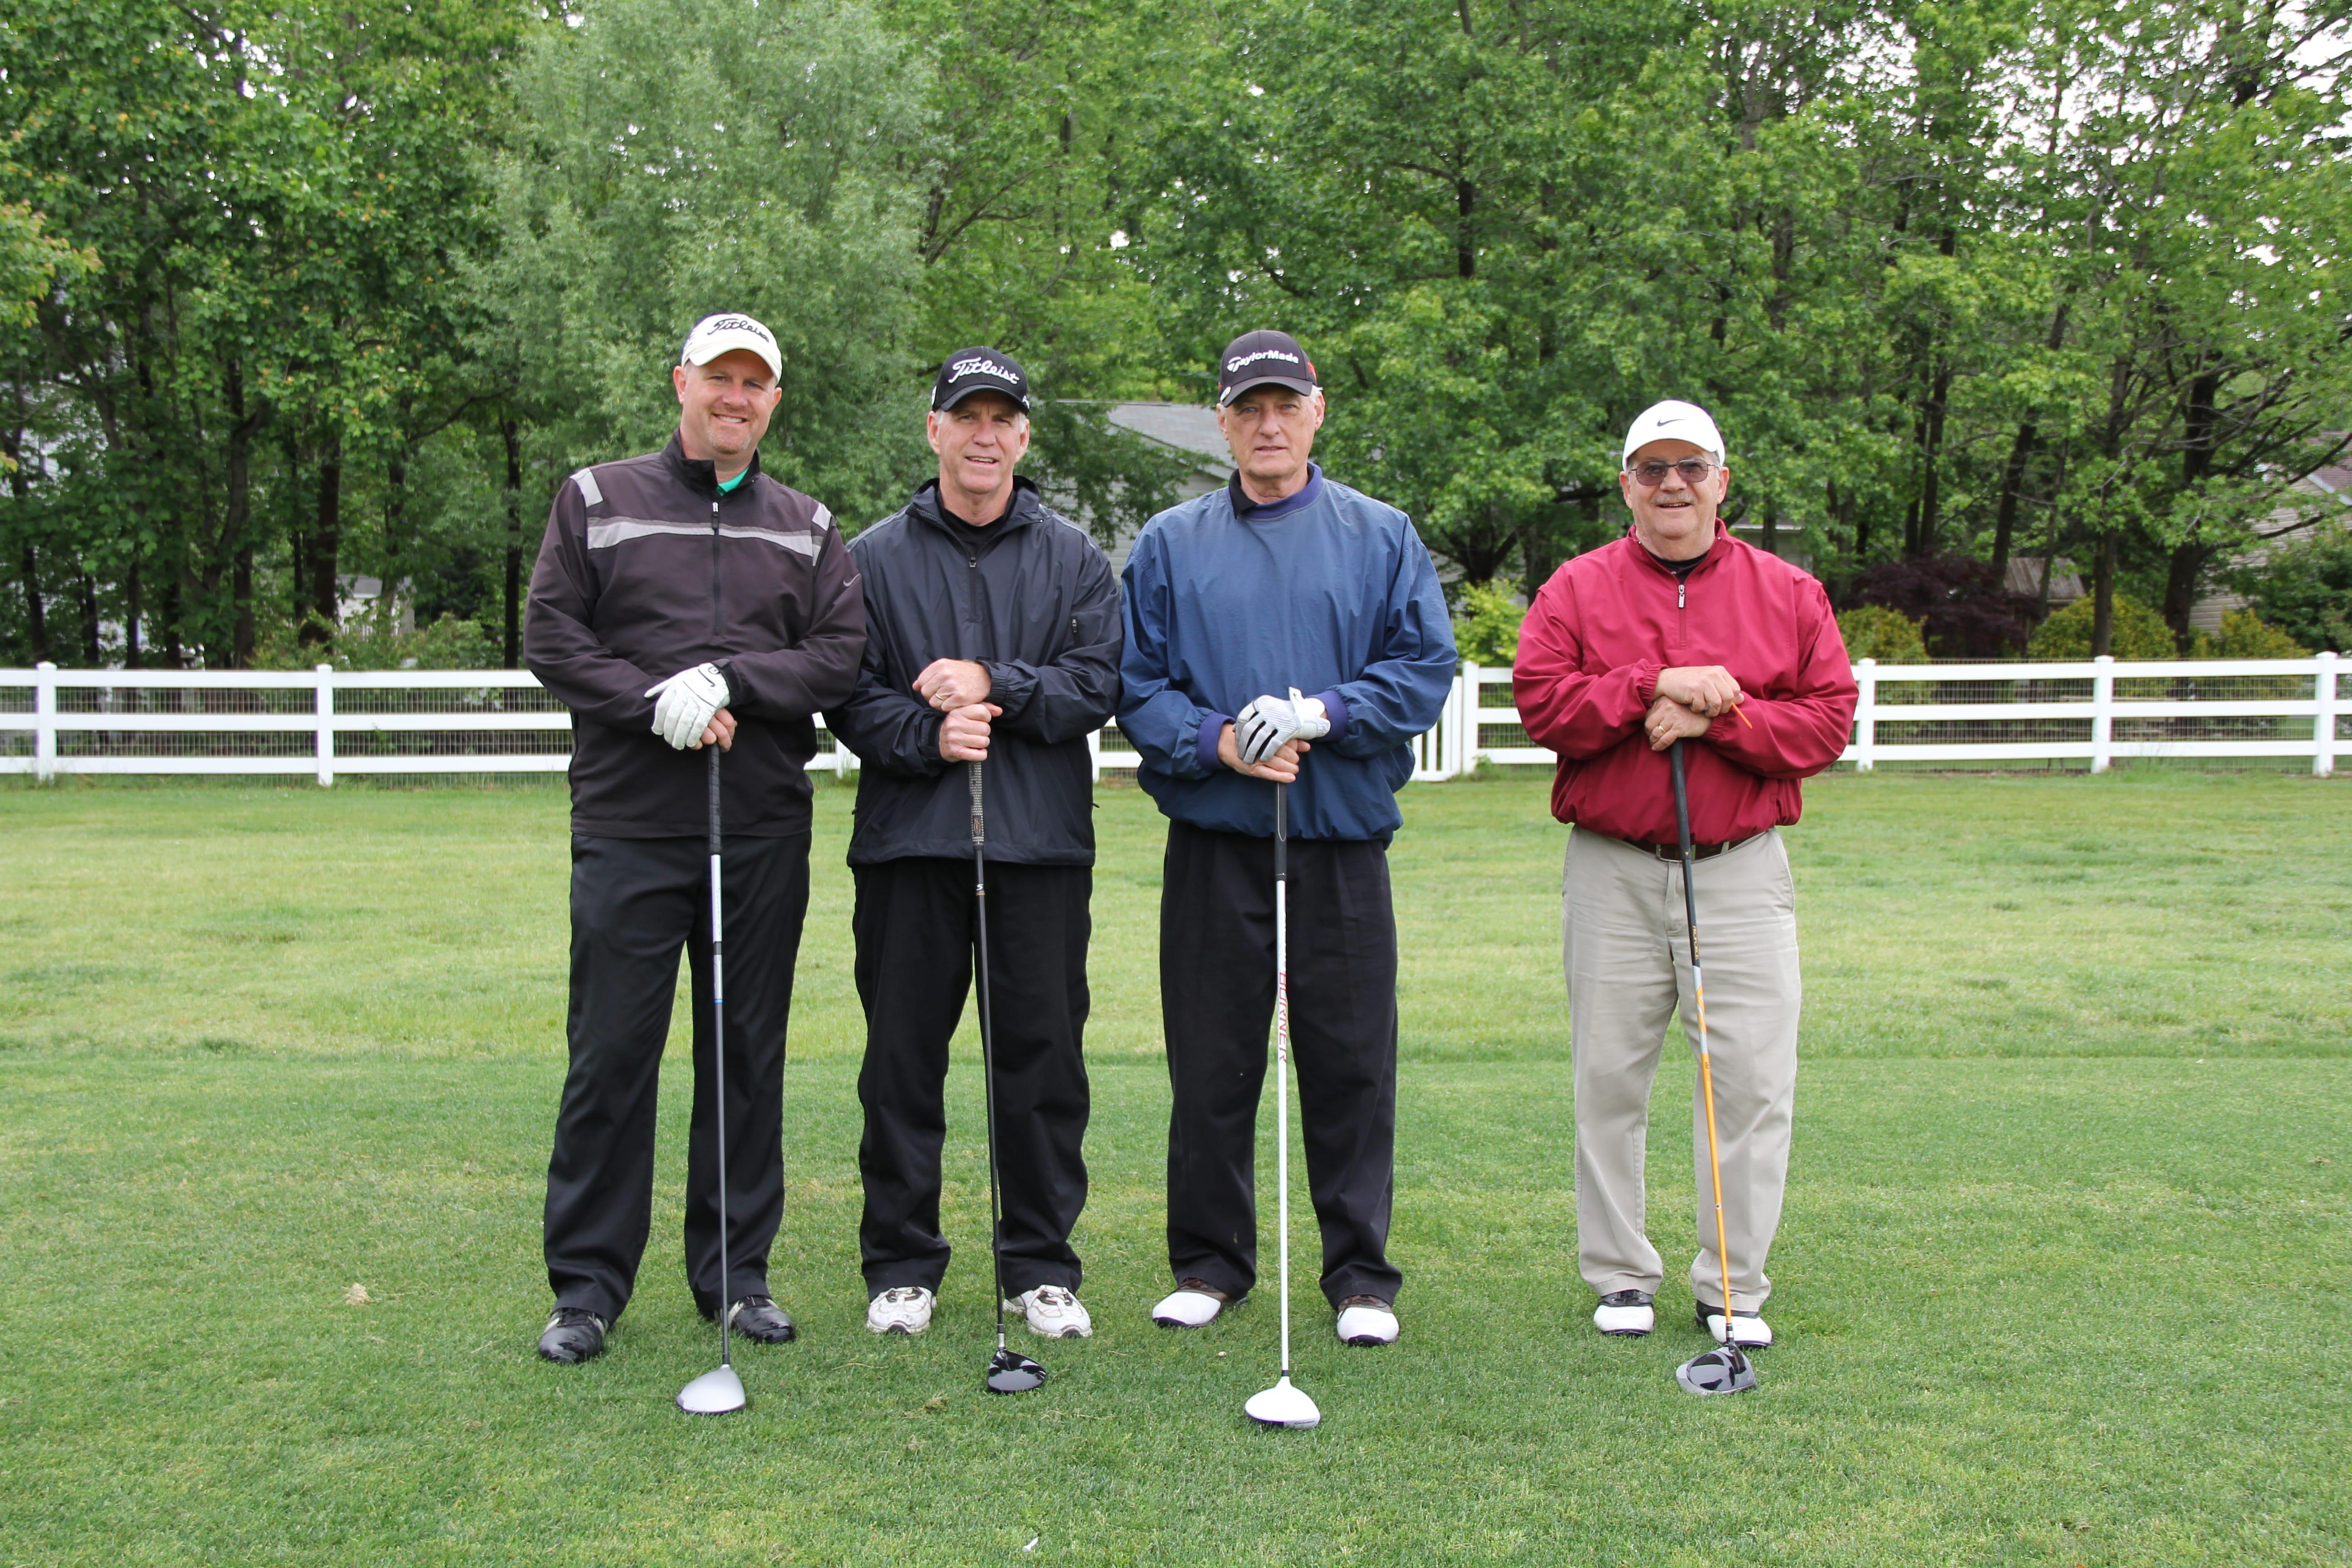 IMG_5932 - Team 12 - Brian Loewe, Gary Reed, Mike Moore, Carl Snyder